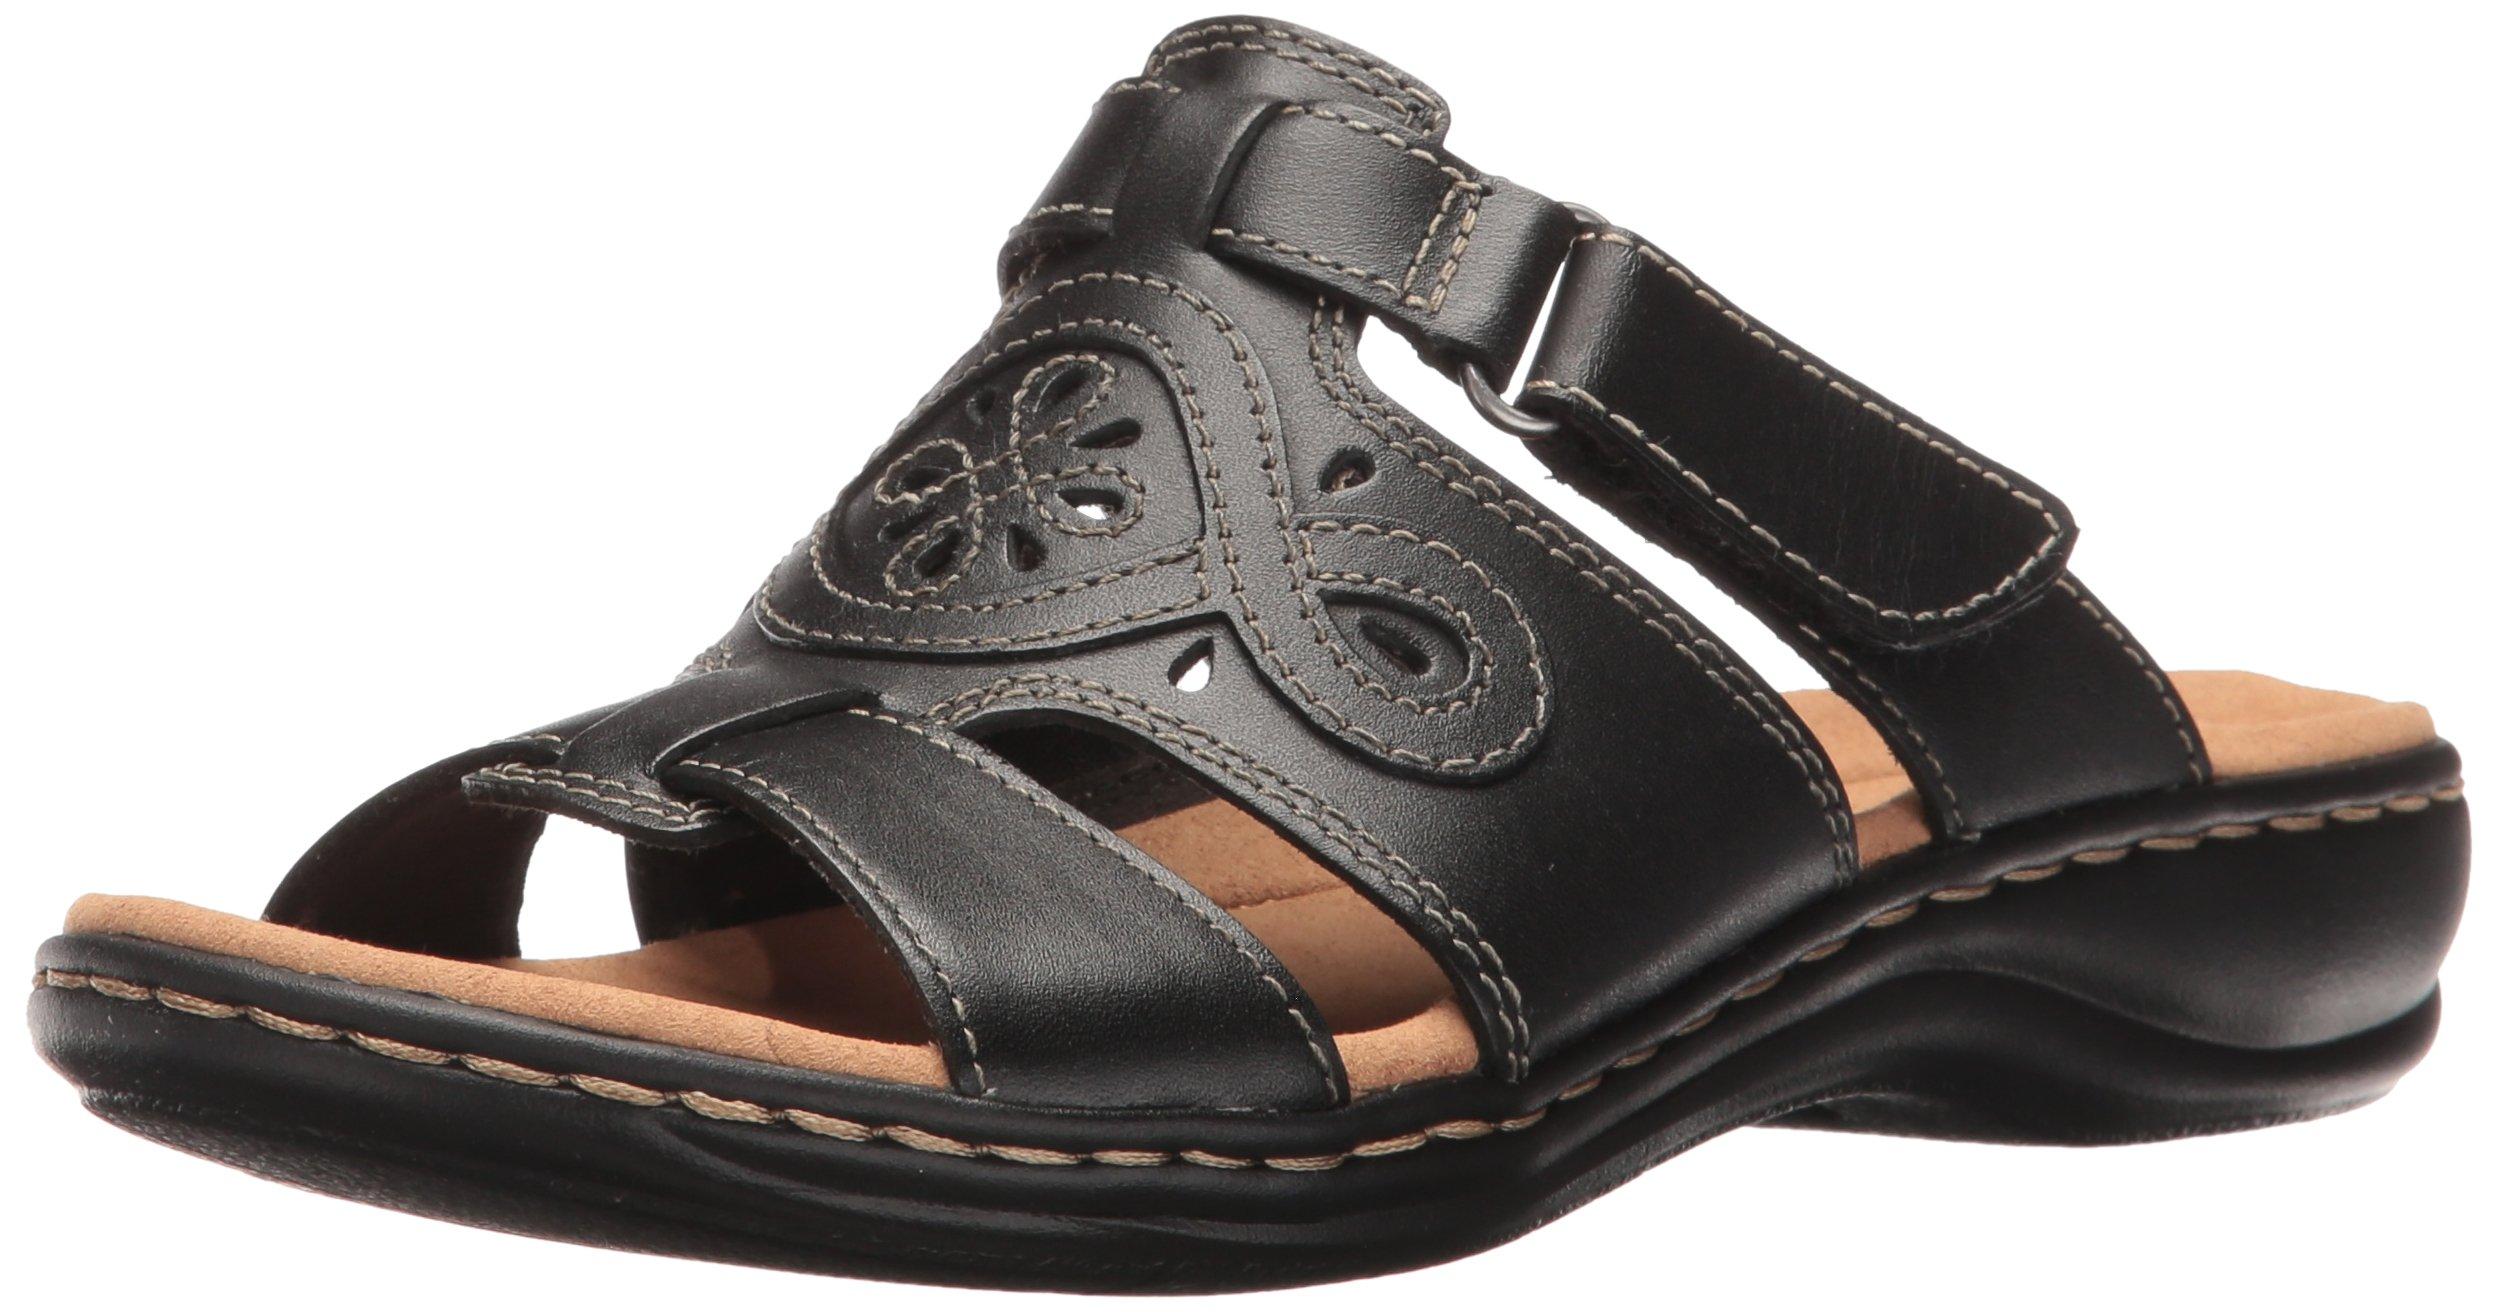 CLARKS Women's Leisa Higley Slide Sandal, Black Leather, 7.5 M US